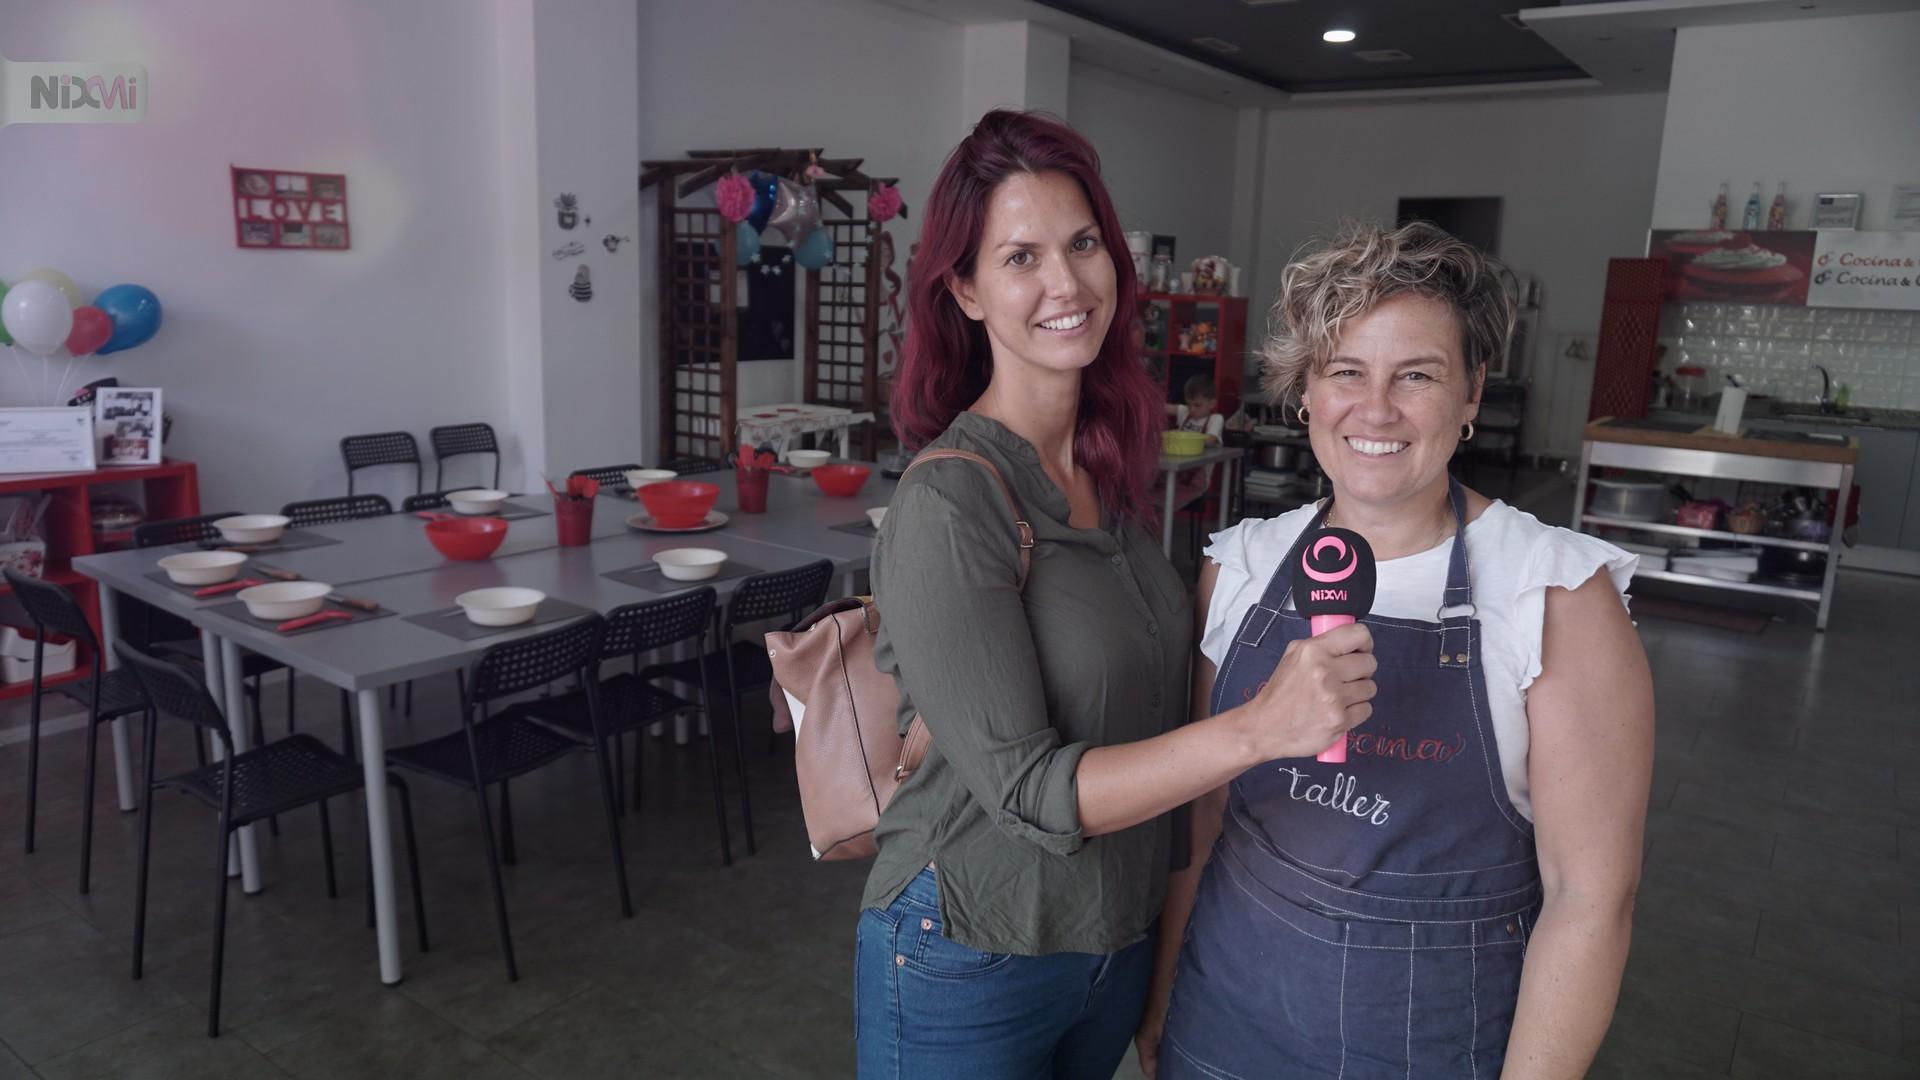 2019-06-26-Cocina-taller-cristina-_2